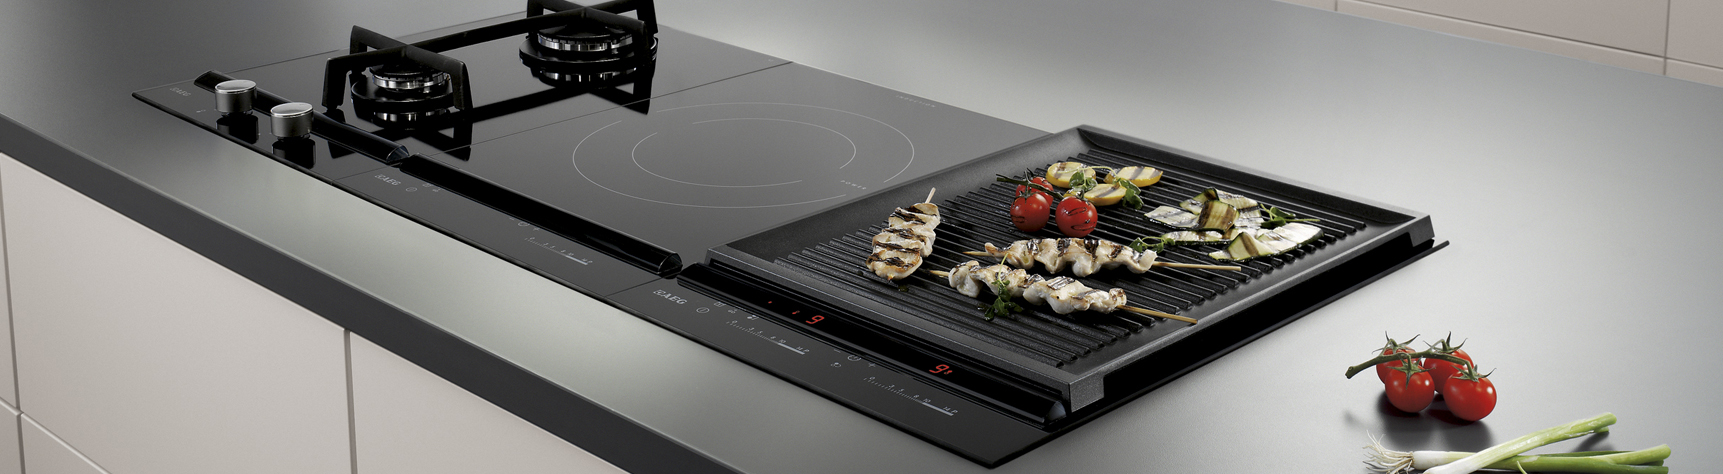 regard détaillé aa599 35da3 Ma sélection pour la table de cuisson - Cuisine ...